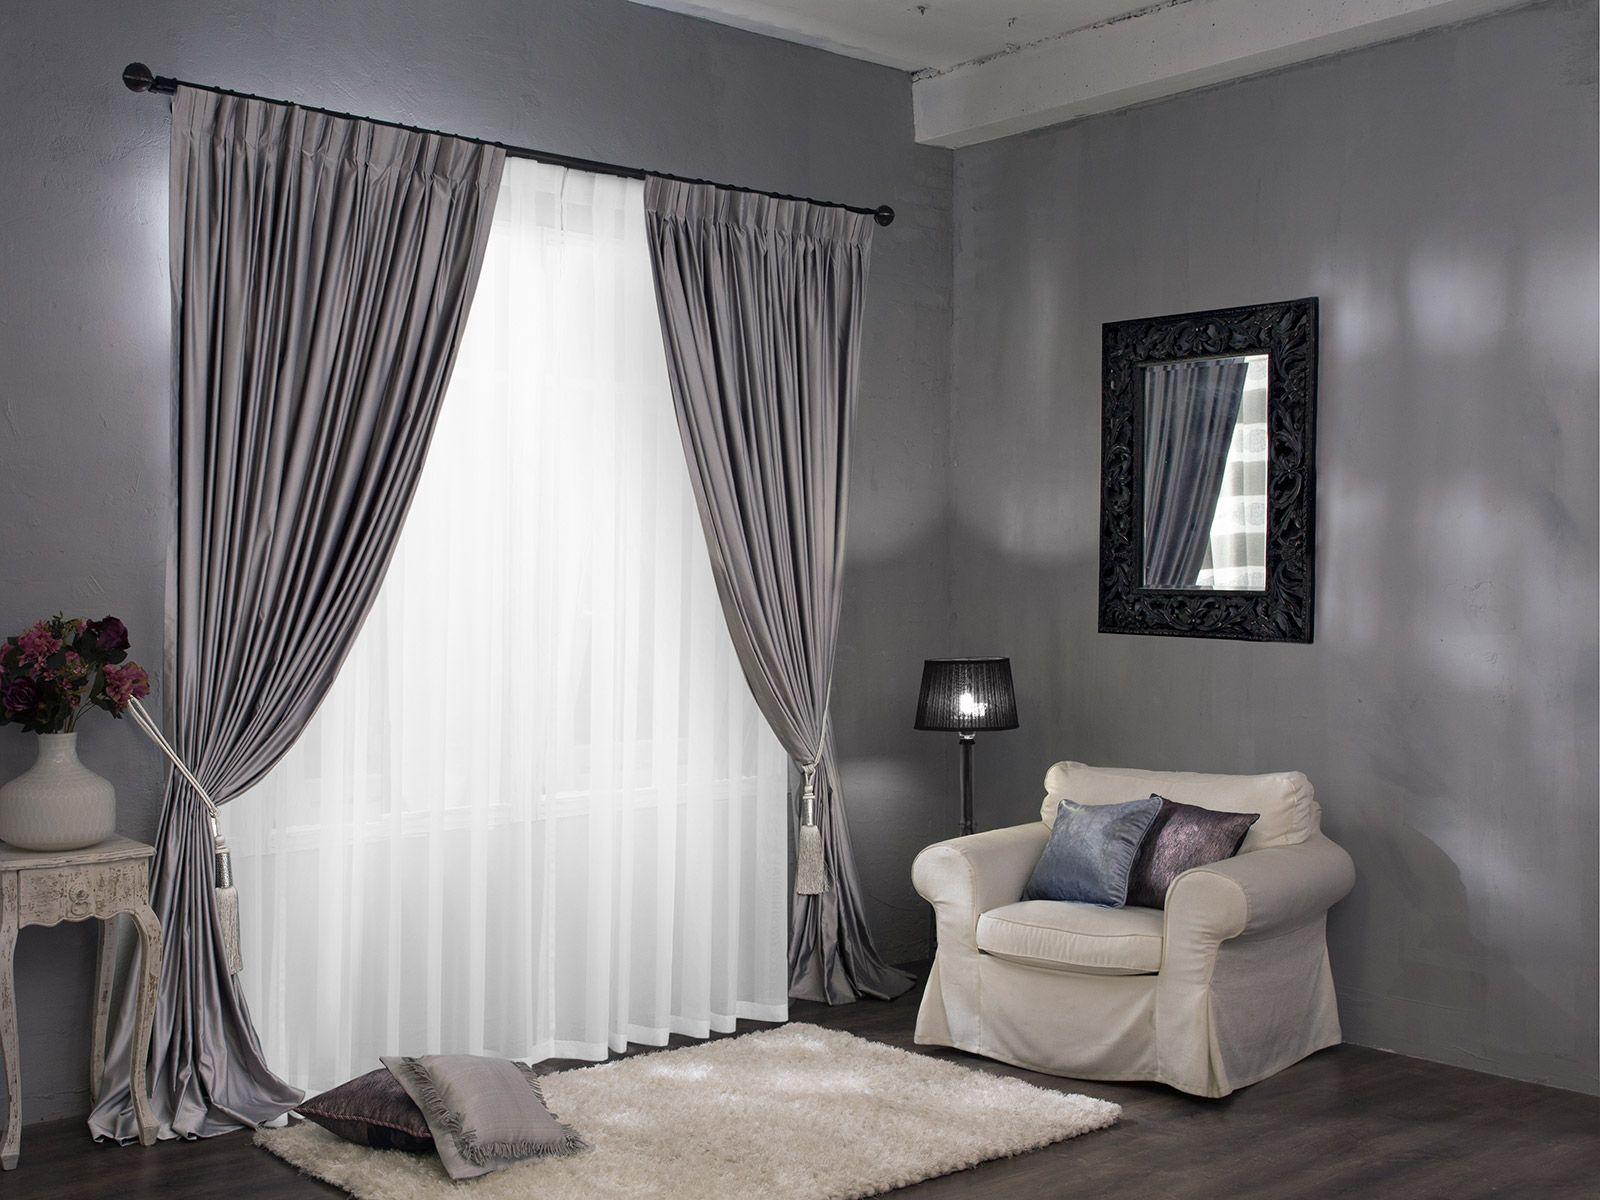 Серые шторы в интерьере: 40+ фото вариантов оформления - арт интерьер